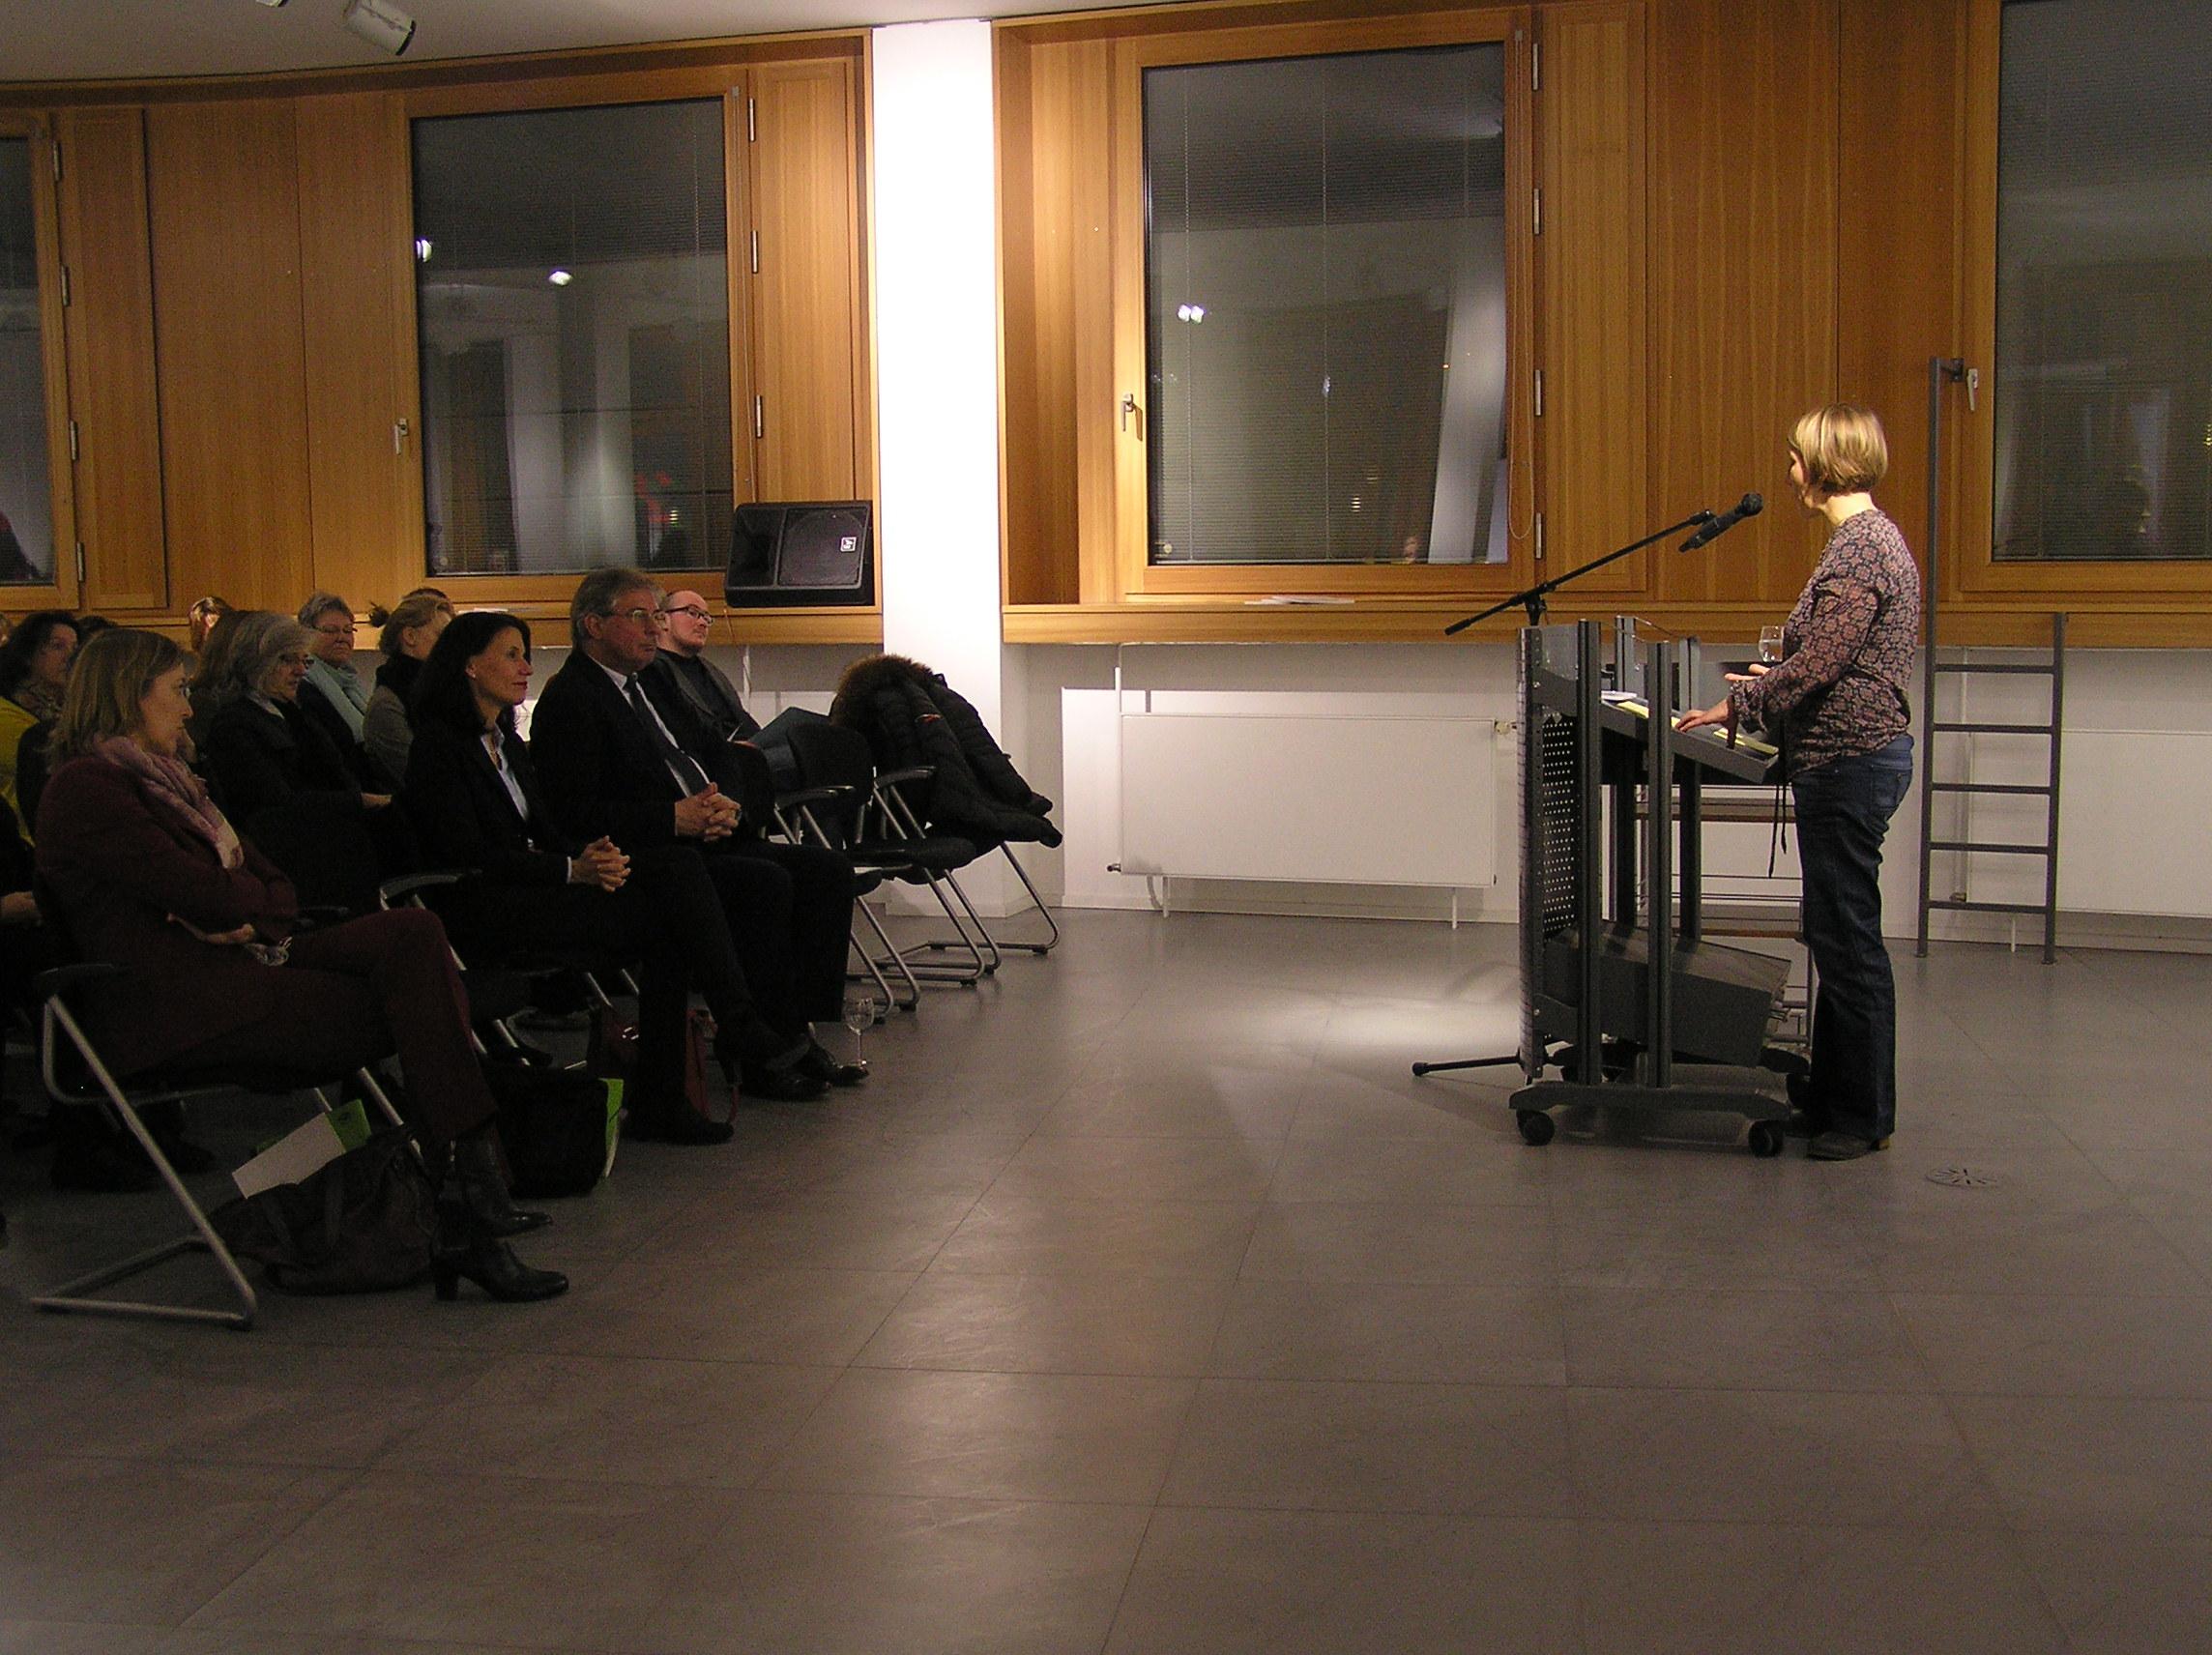 Umwelthistorikerin Anna-Katharina am Rednerpult bei ihrer Rede zur Eröffnung der Ausstellung.